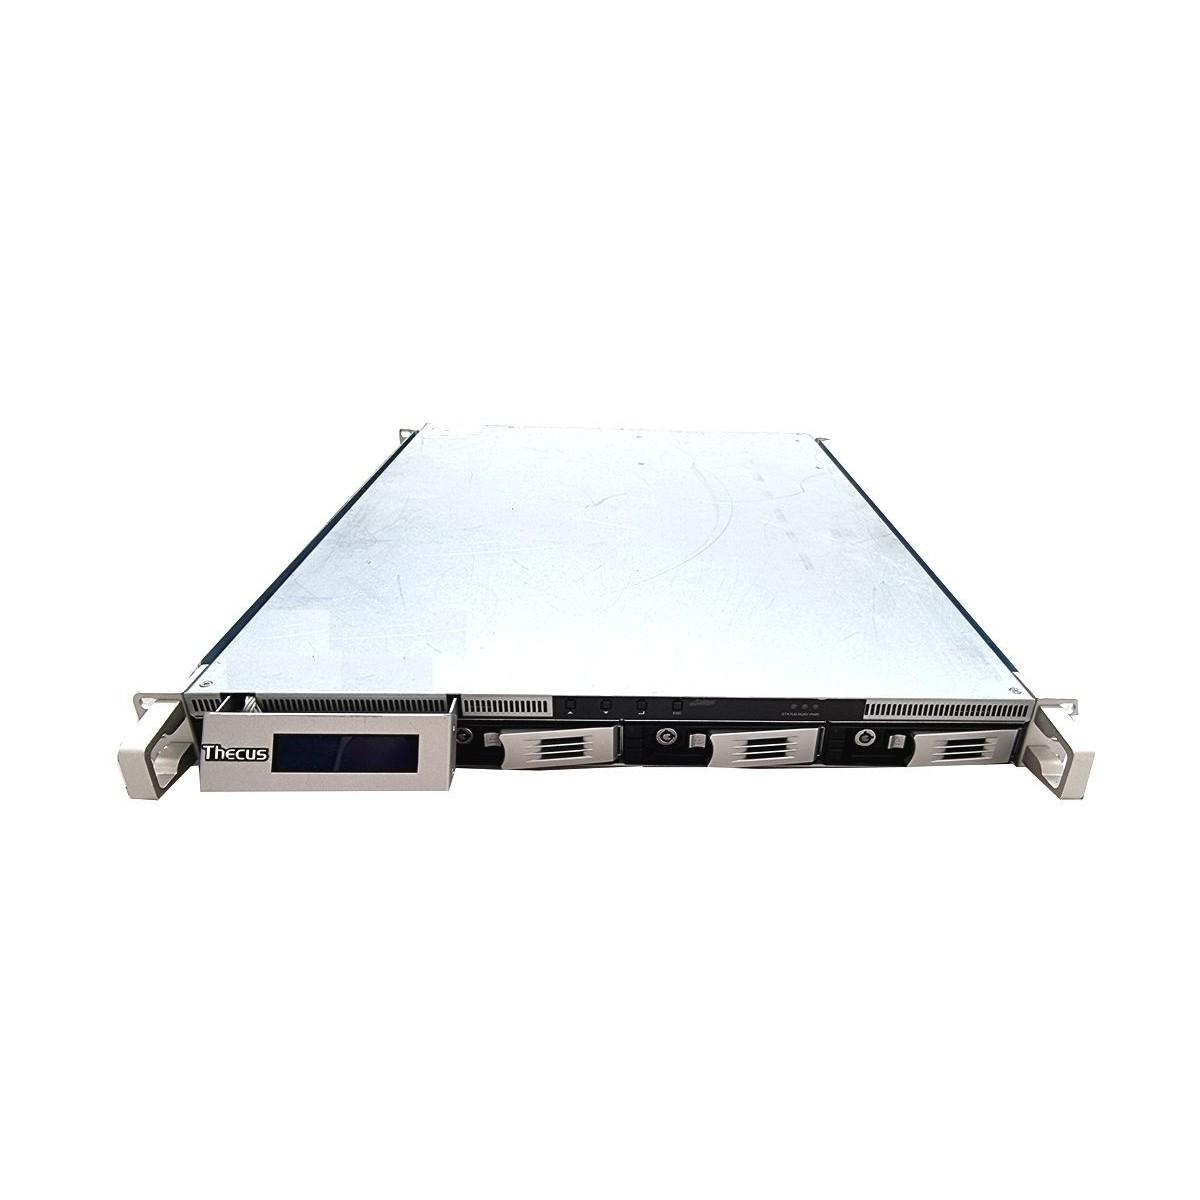 SERWER NAS THECUS i4500R 4x1TB WDRE3 512MB SZYNY